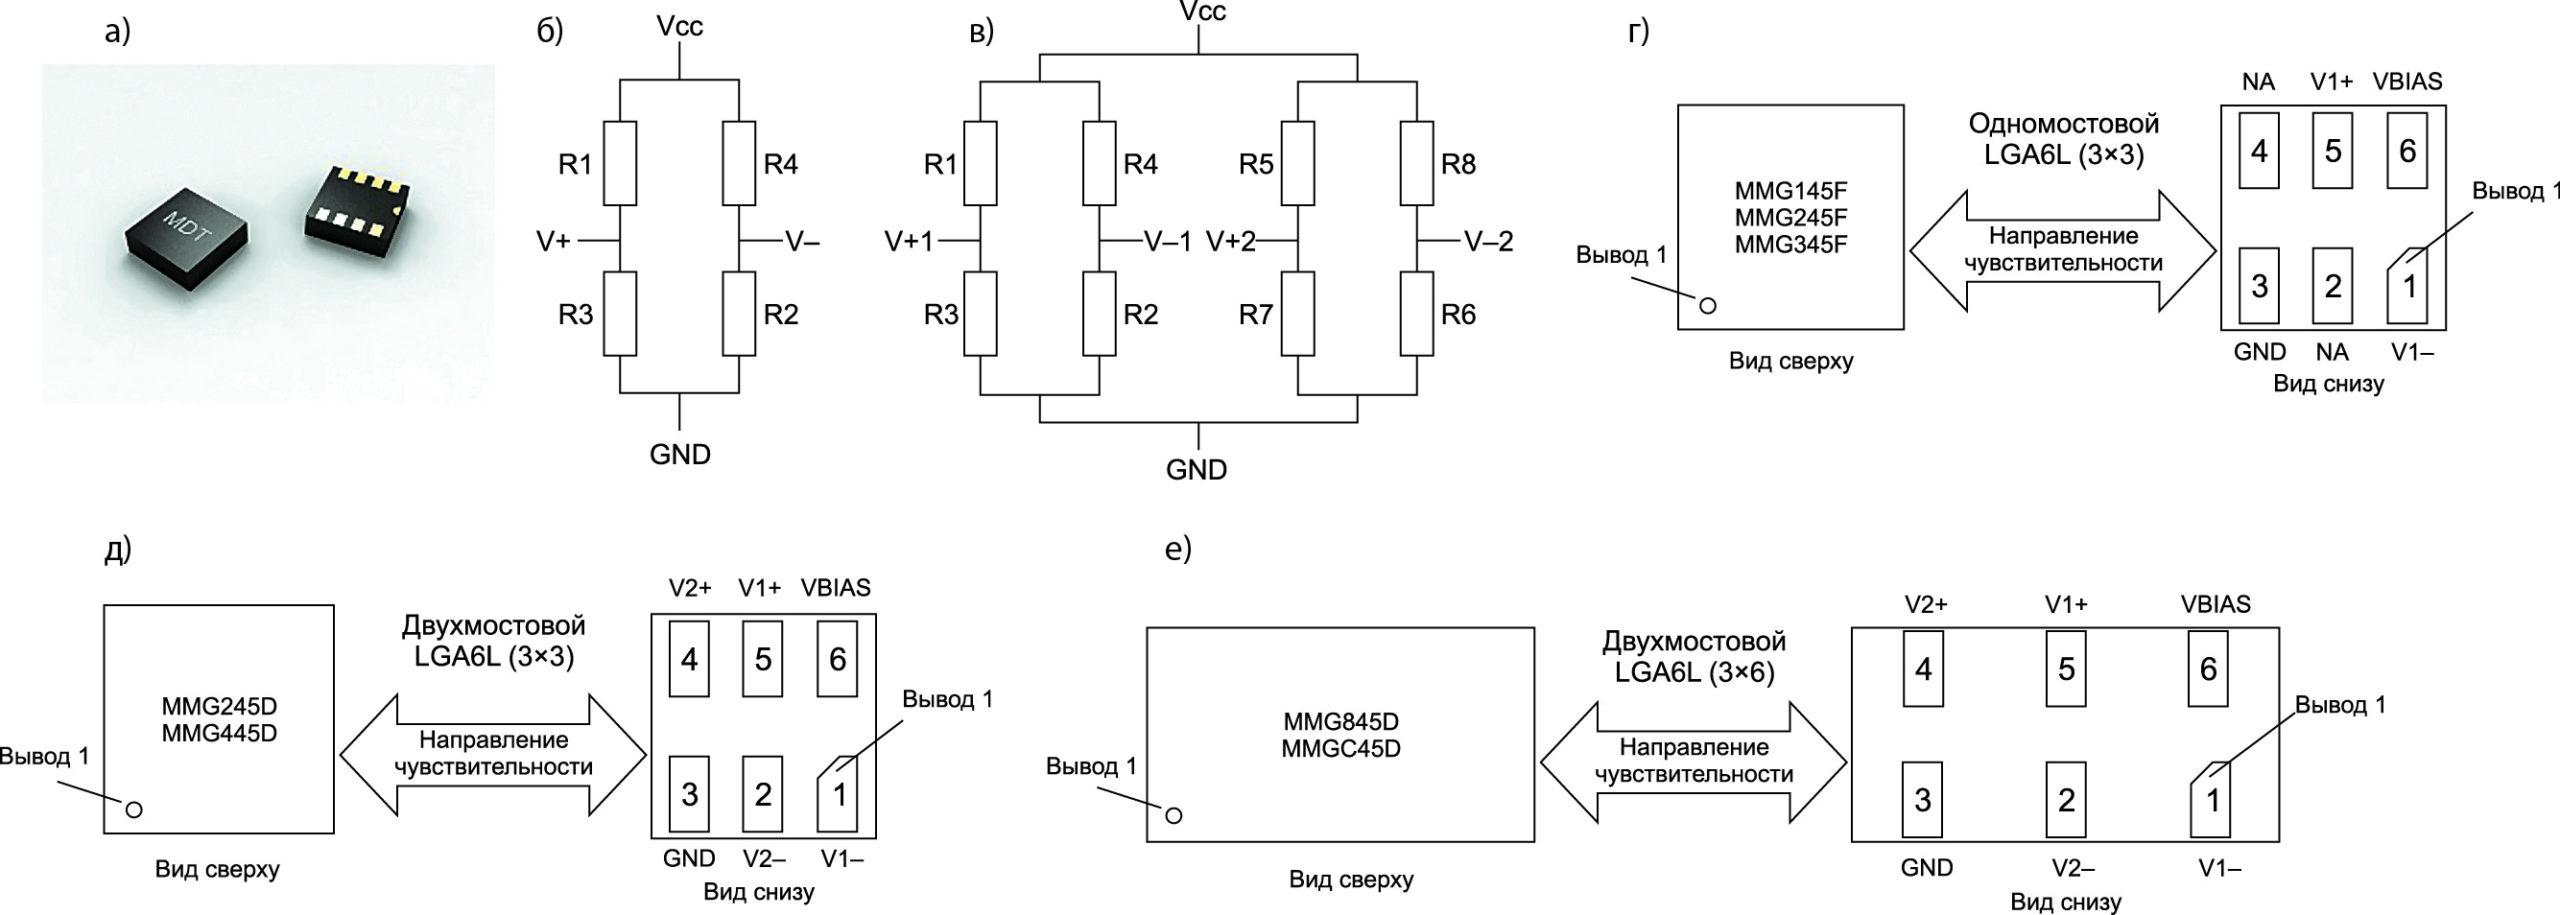 MMGX45 — первый магнитный ТМР-датчик зубчатого ротора от MDT